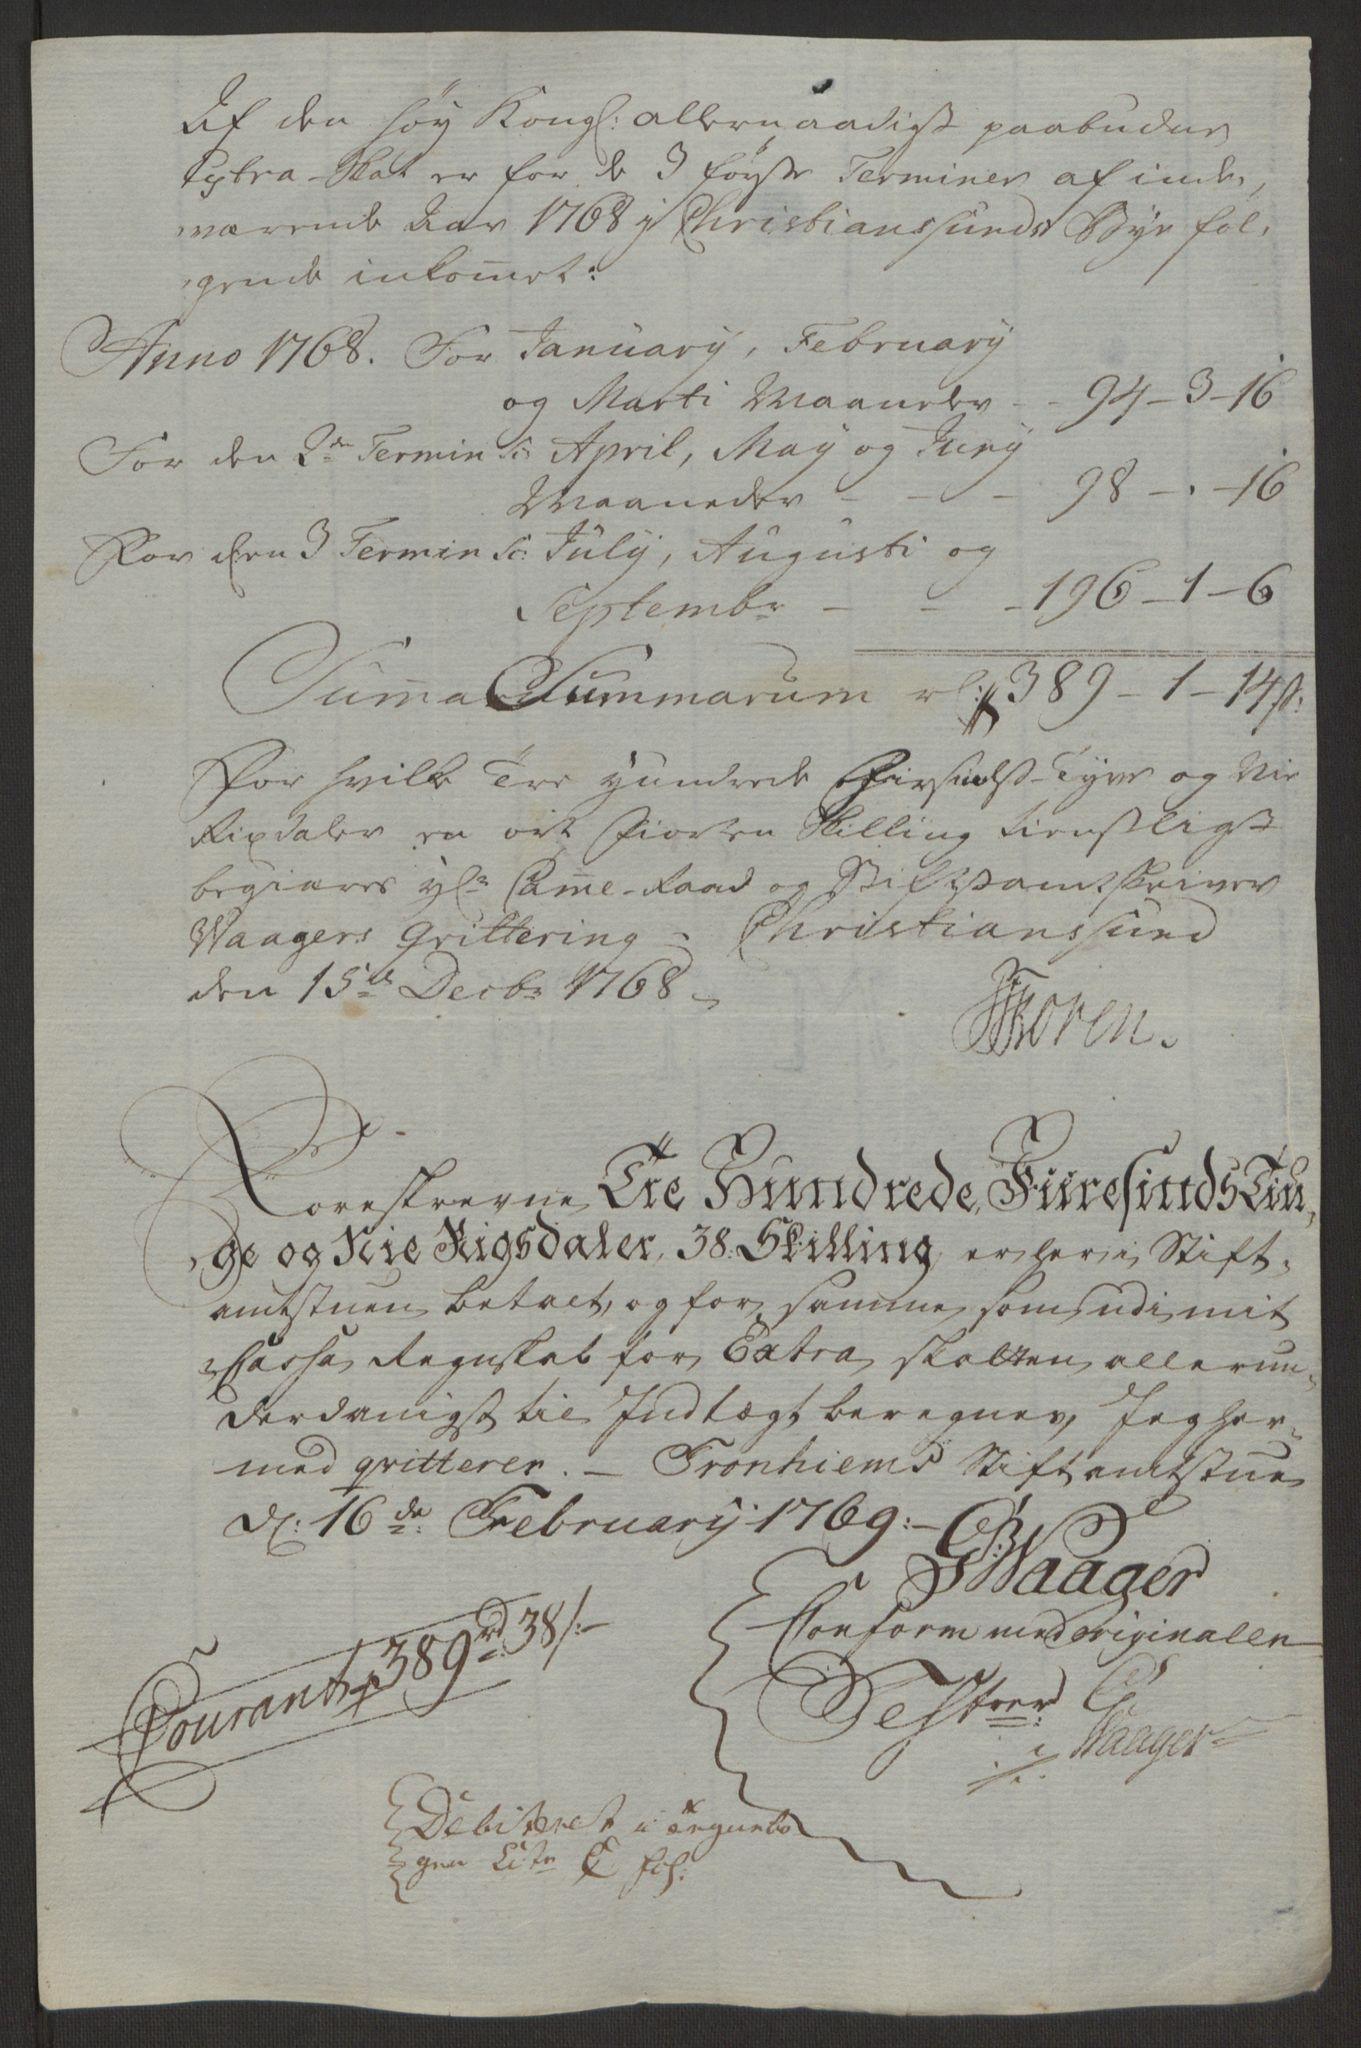 RA, Rentekammeret inntil 1814, Reviderte regnskaper, Byregnskaper, R/Rr/L0495: [R1] Kontribusjonsregnskap, 1762-1772, s. 199